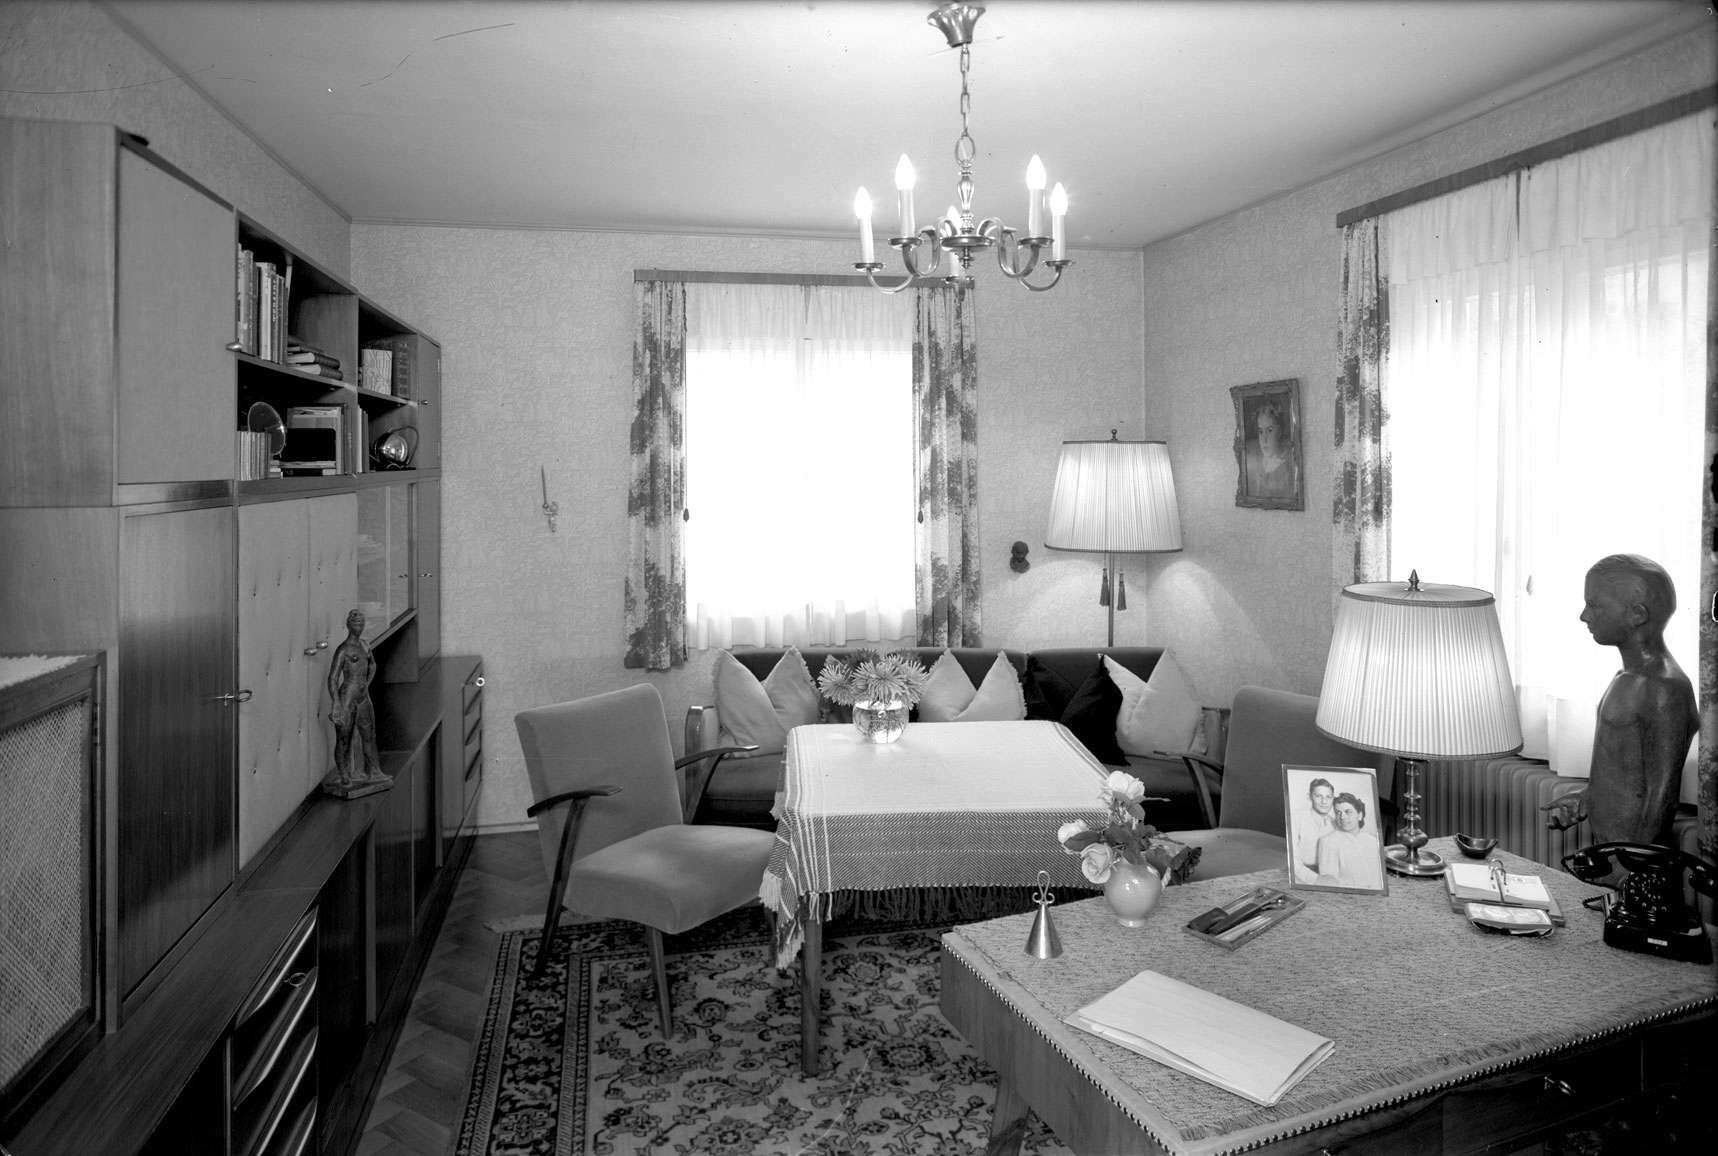 Wildbad / Höfen u.a. 1955 (2), Nr 002